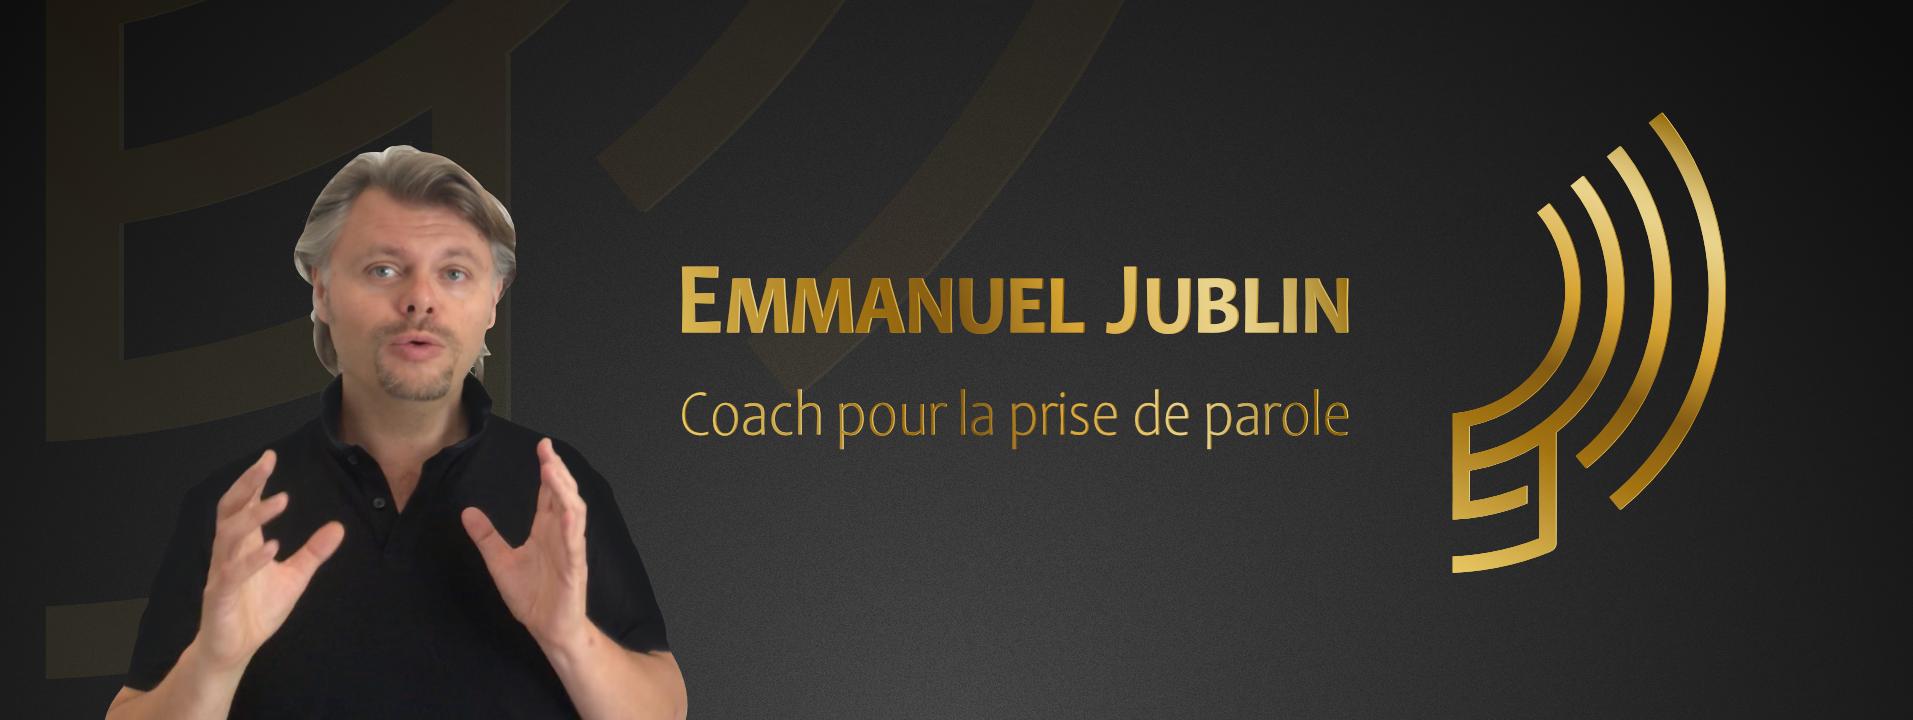 Emmanuel Jublin, coach pour la prise de parole